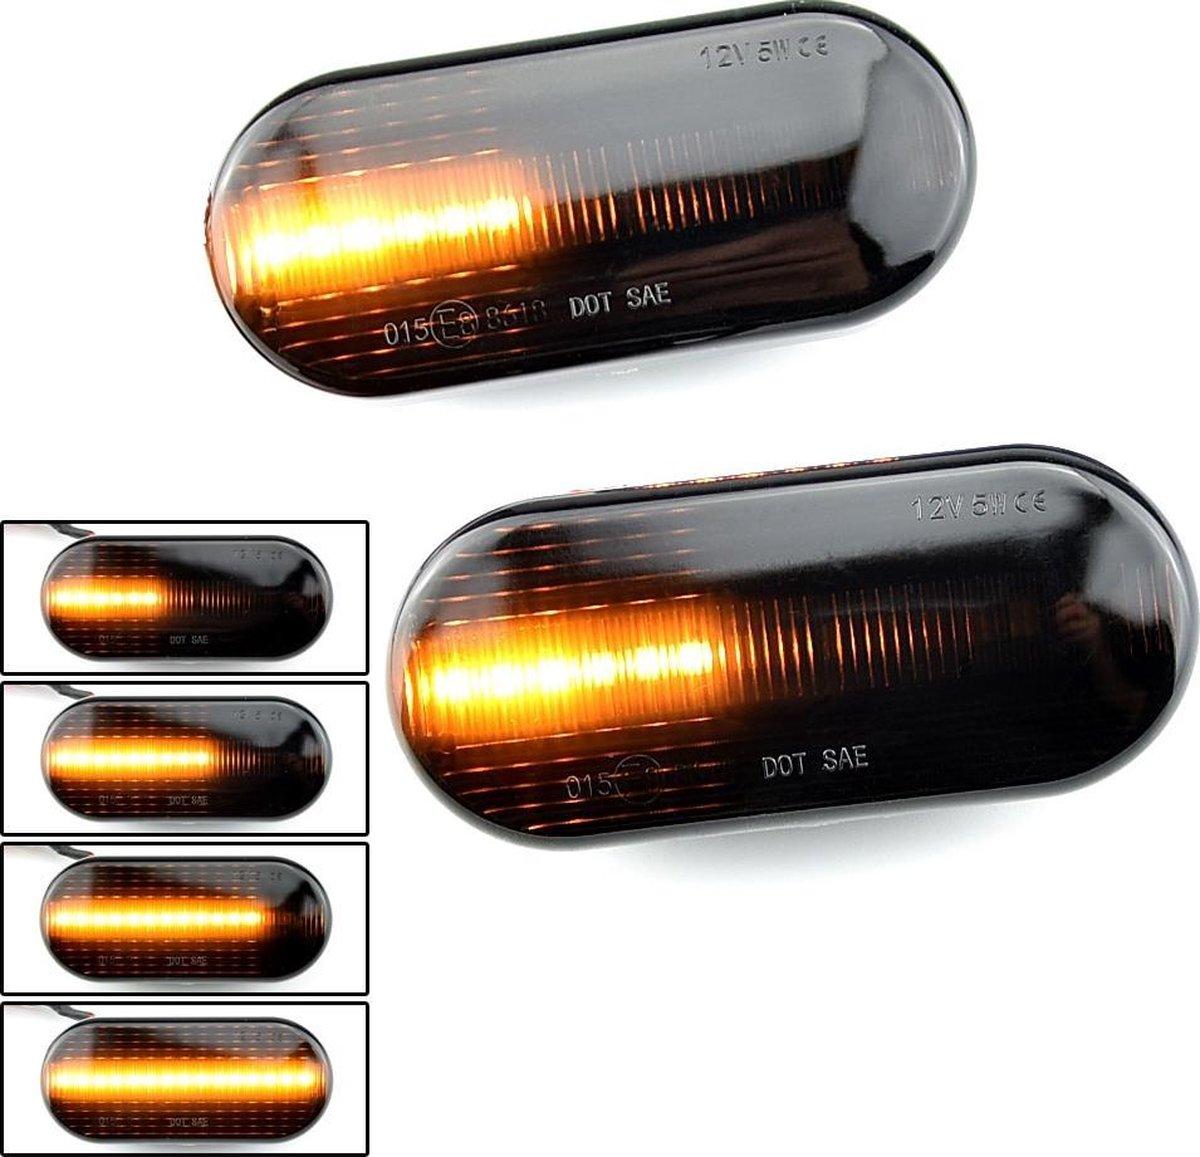 LED Dynamic Zijknipperlichten voor Volkswagen Golf 3 - Golf 4 - Polo - Lupo - Passat - Bora - Sharan